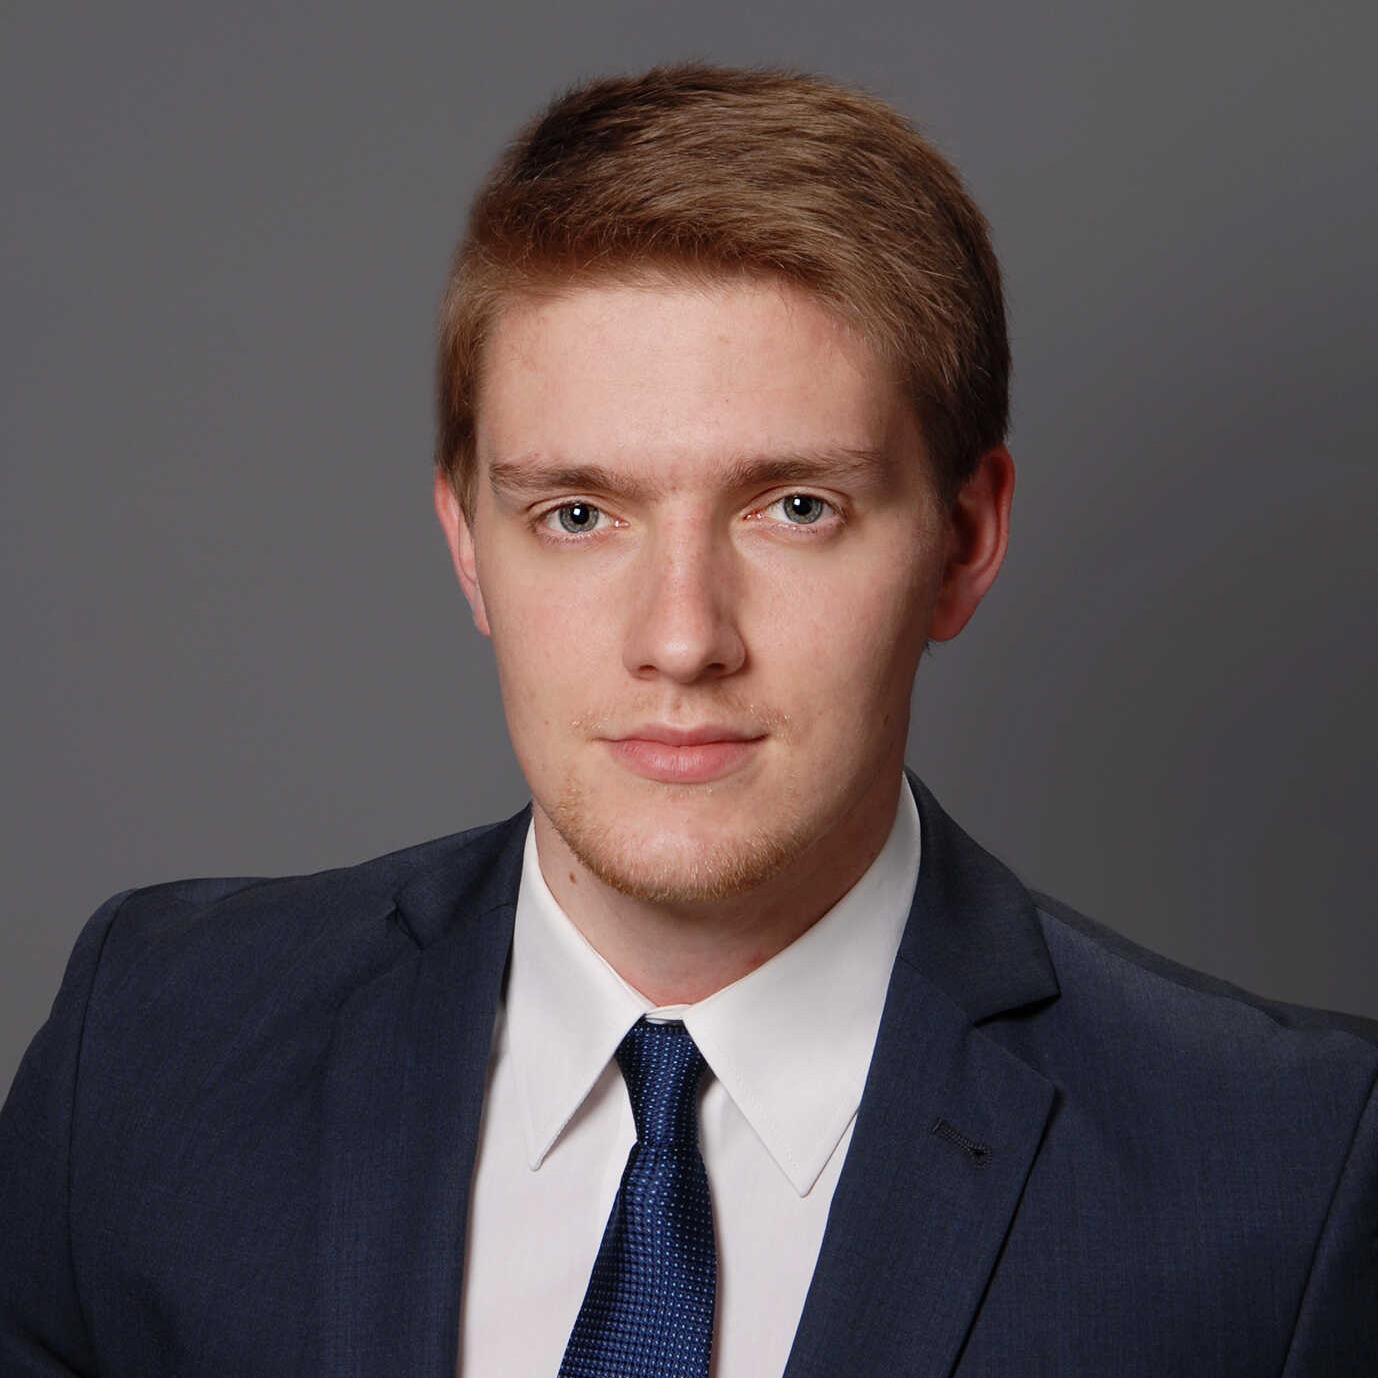 Jakub Łukomski